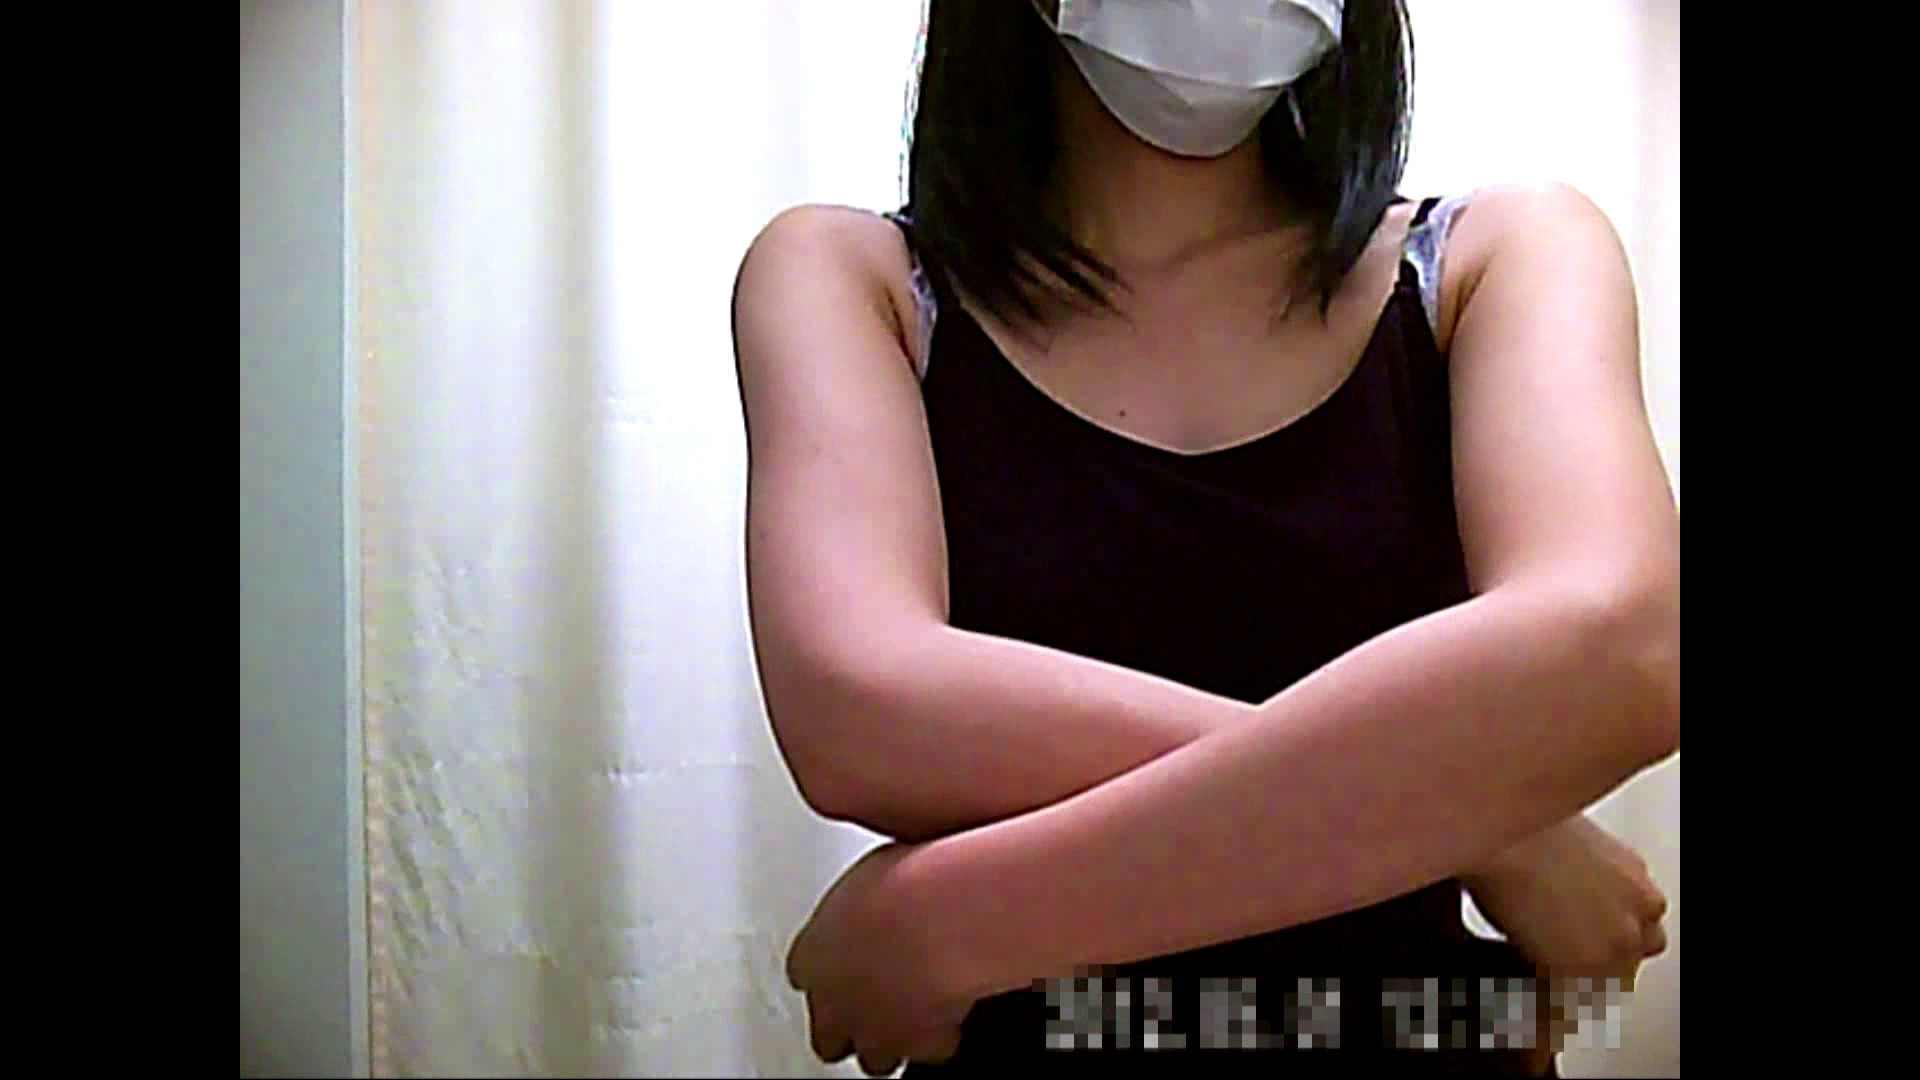 元医者による反抗 更衣室地獄絵巻 vol.004 お姉さん  104PIX 102